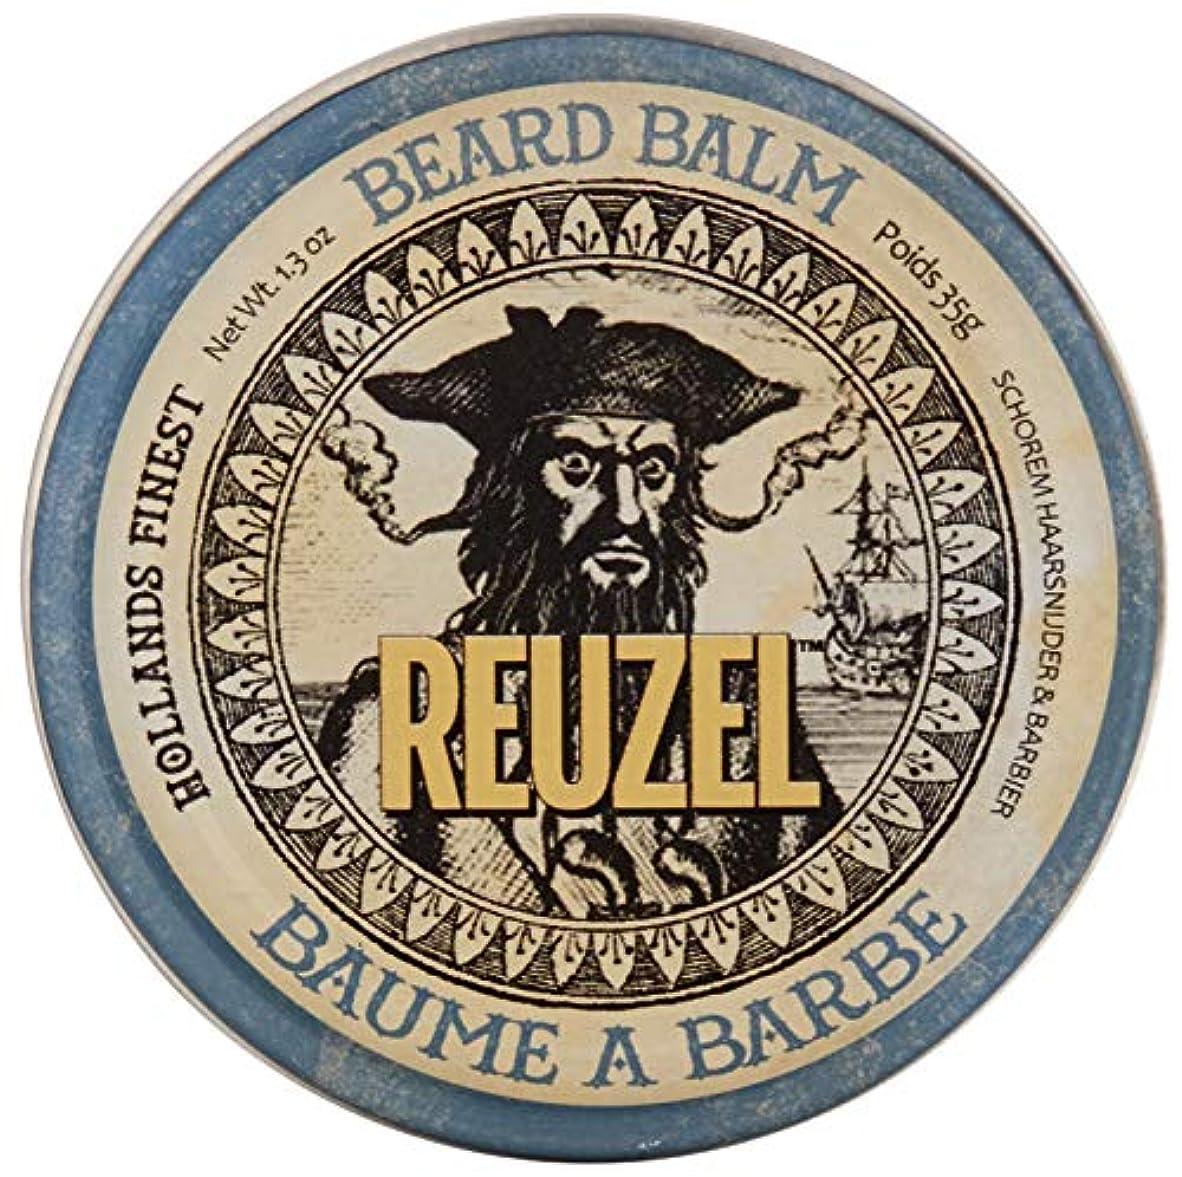 ユダヤ人ラブ刺繍reuzel BEARD BALM 1.3 oz by REUZEL